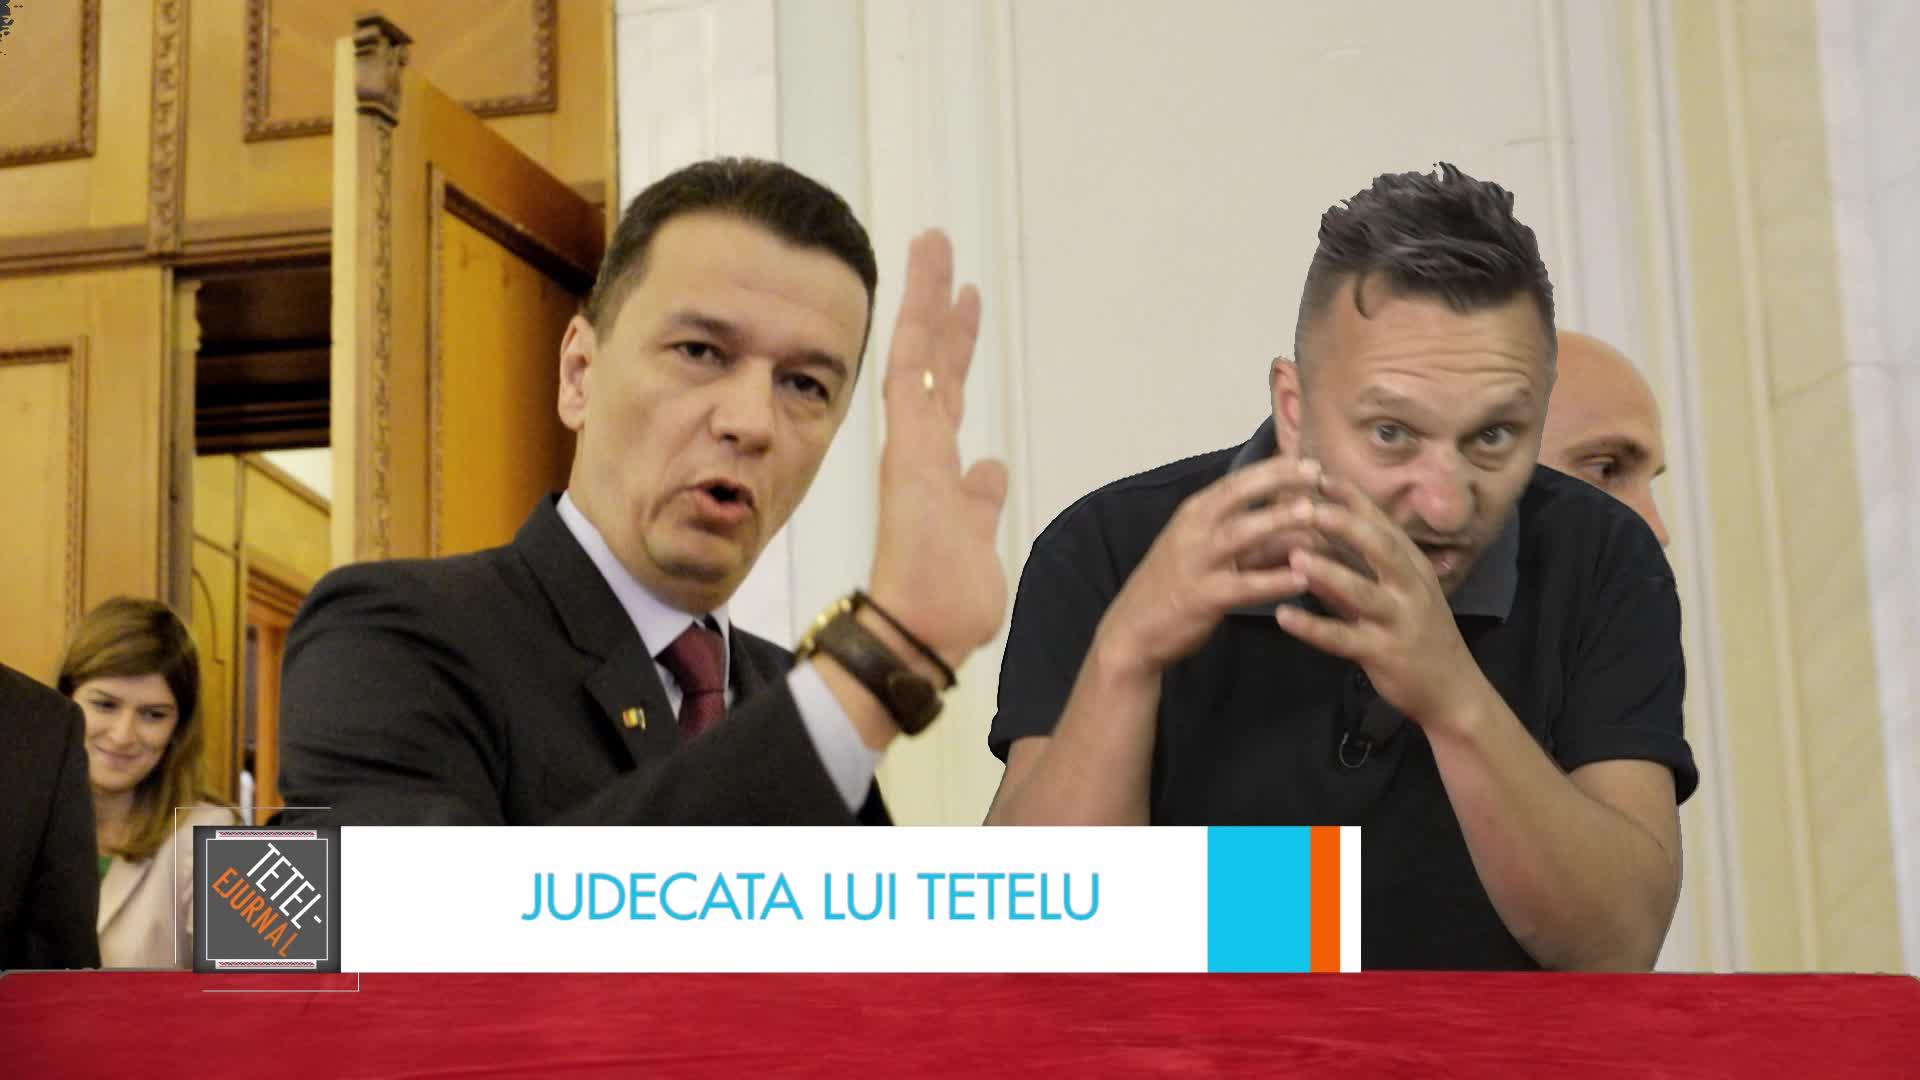 Judecata lui Tetelu: Mustaţa lui Zdragnea